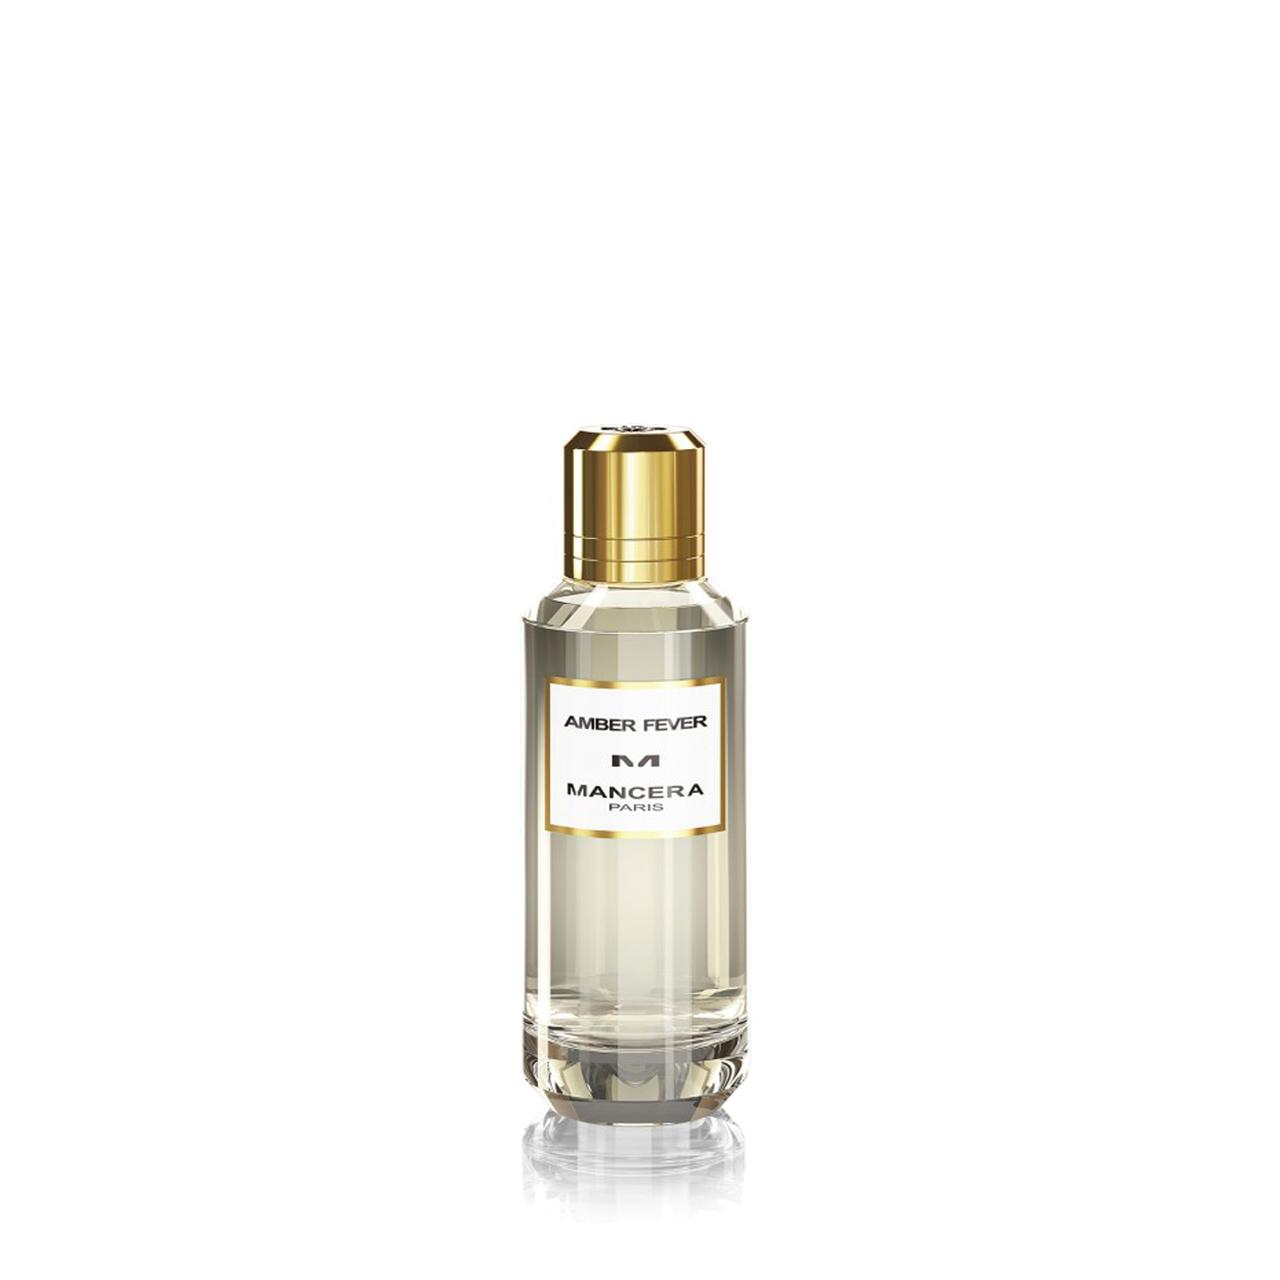 Amber Fever - Eau de Parfum